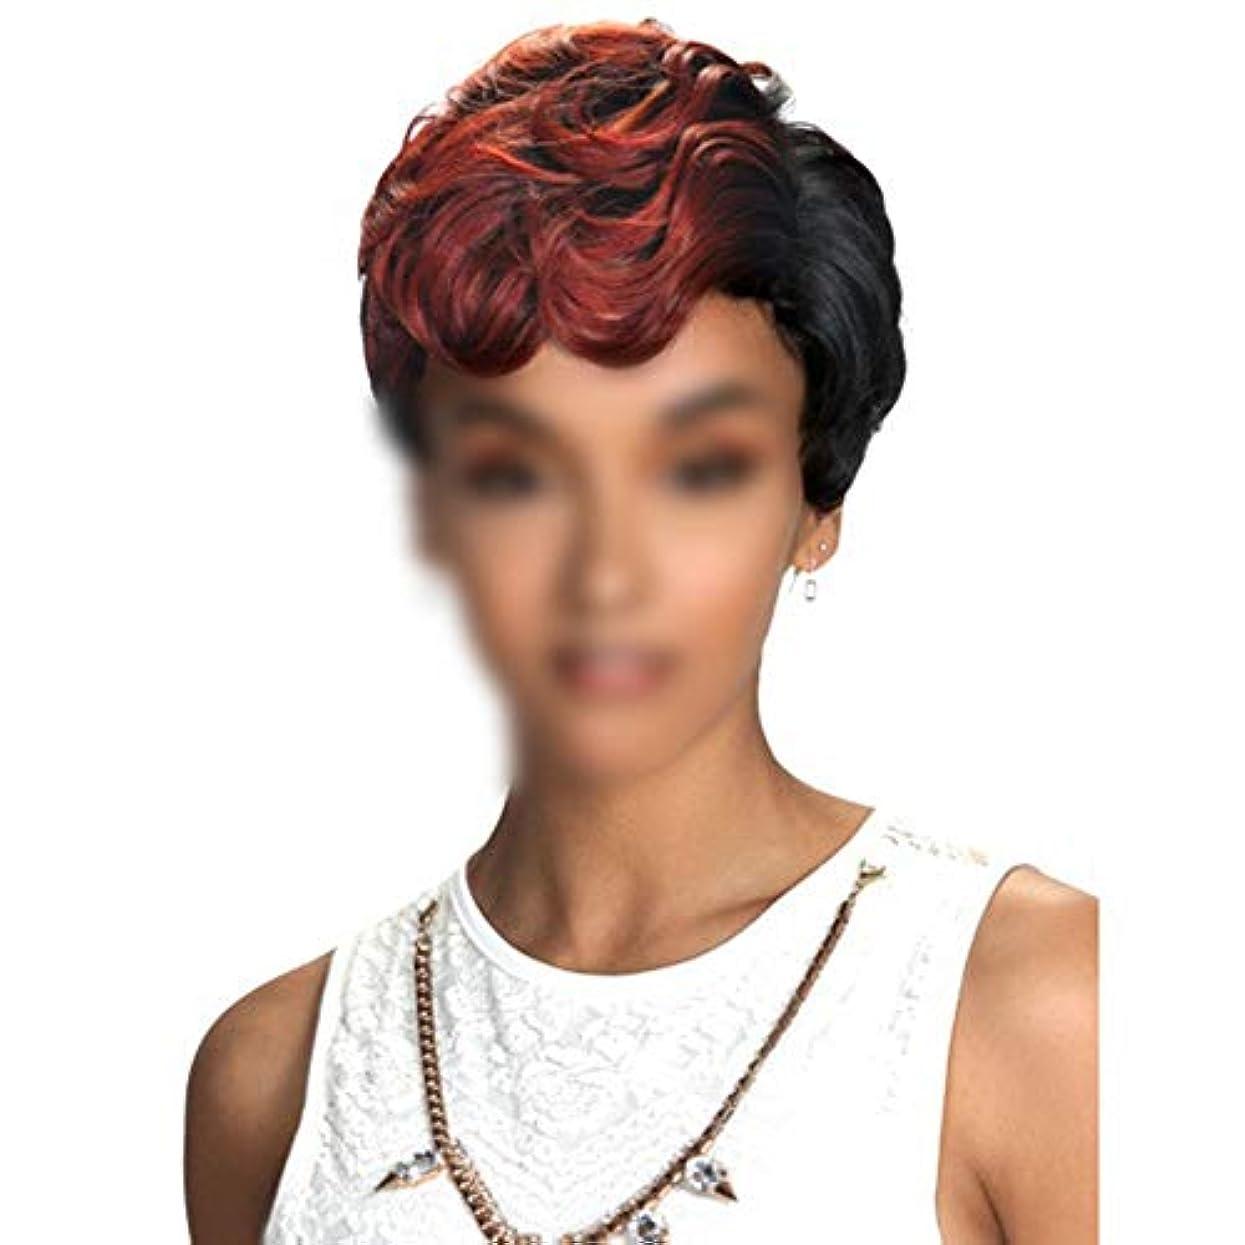 旅ハウス不正直WASAIO 女性用人工毛ウィッグボブヘッドショートカーリーアクセサリースタイル交換用ワインレッドコスプレパーティードレス (色 : ワインレッド)